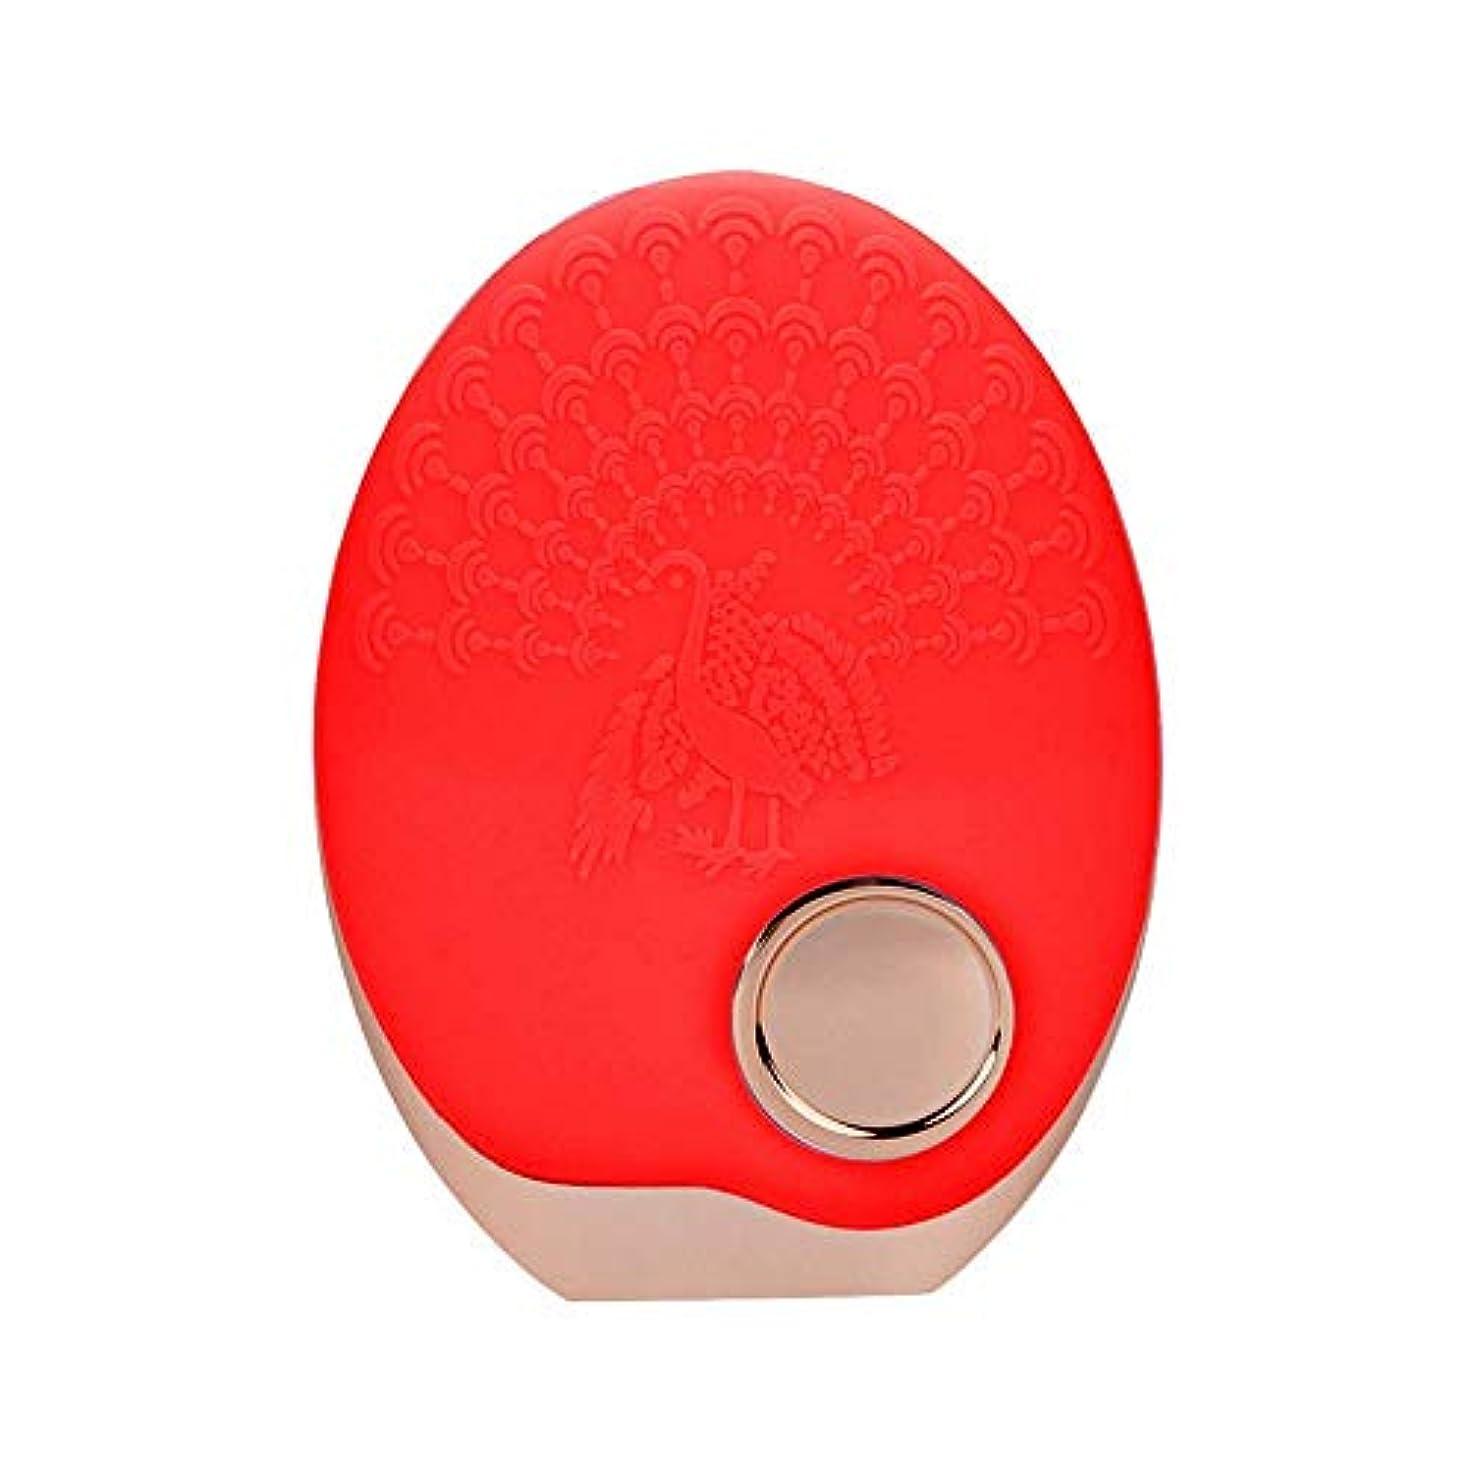 一流アトラス過剰SOUTHTECH 光子活性化クレンジング器具 顔の清潔になるブラシ、3色LEDの光子ライトが付いている超音波無線充満表面剥離のブラシのシリコーンの防水マッサージャー (赤)